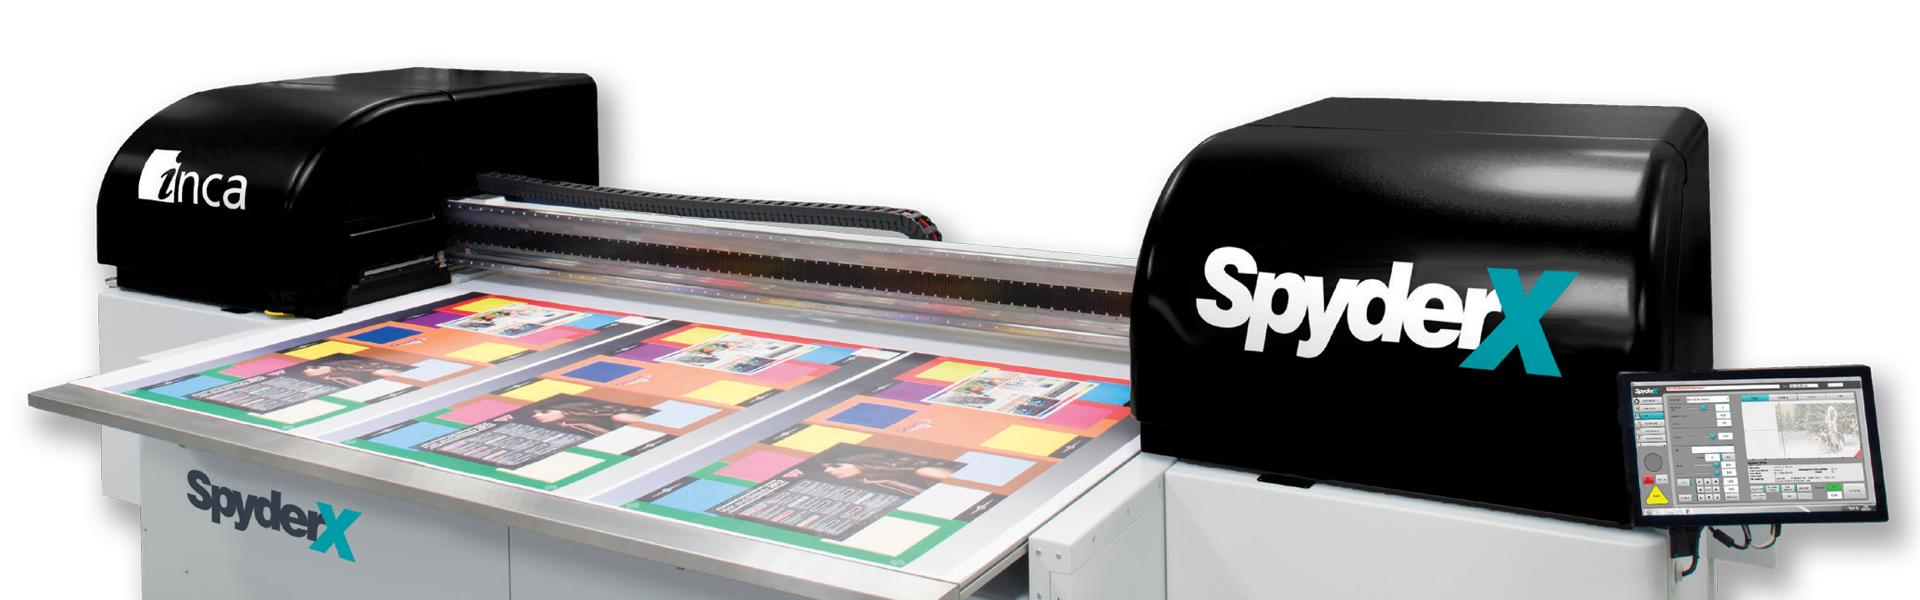 Imprimante SpyderX